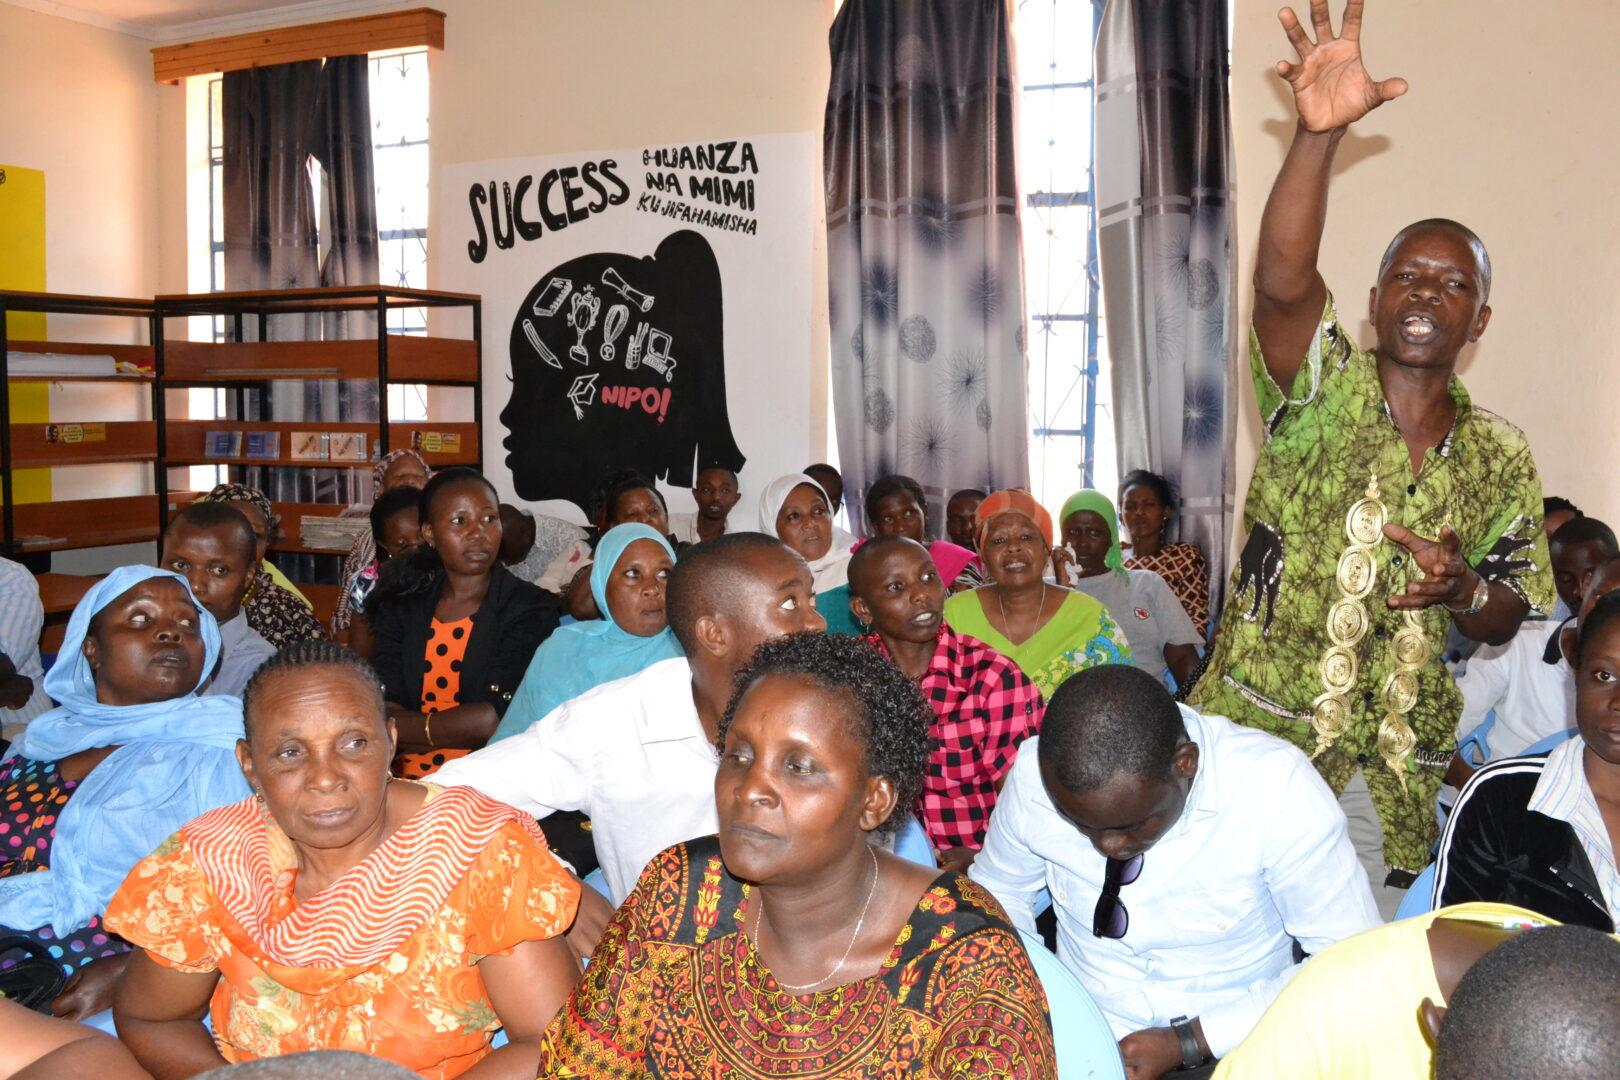 https://mediafocusonafrica.org/wp-content/uploads/2021/08/Roundtable-community.jpg